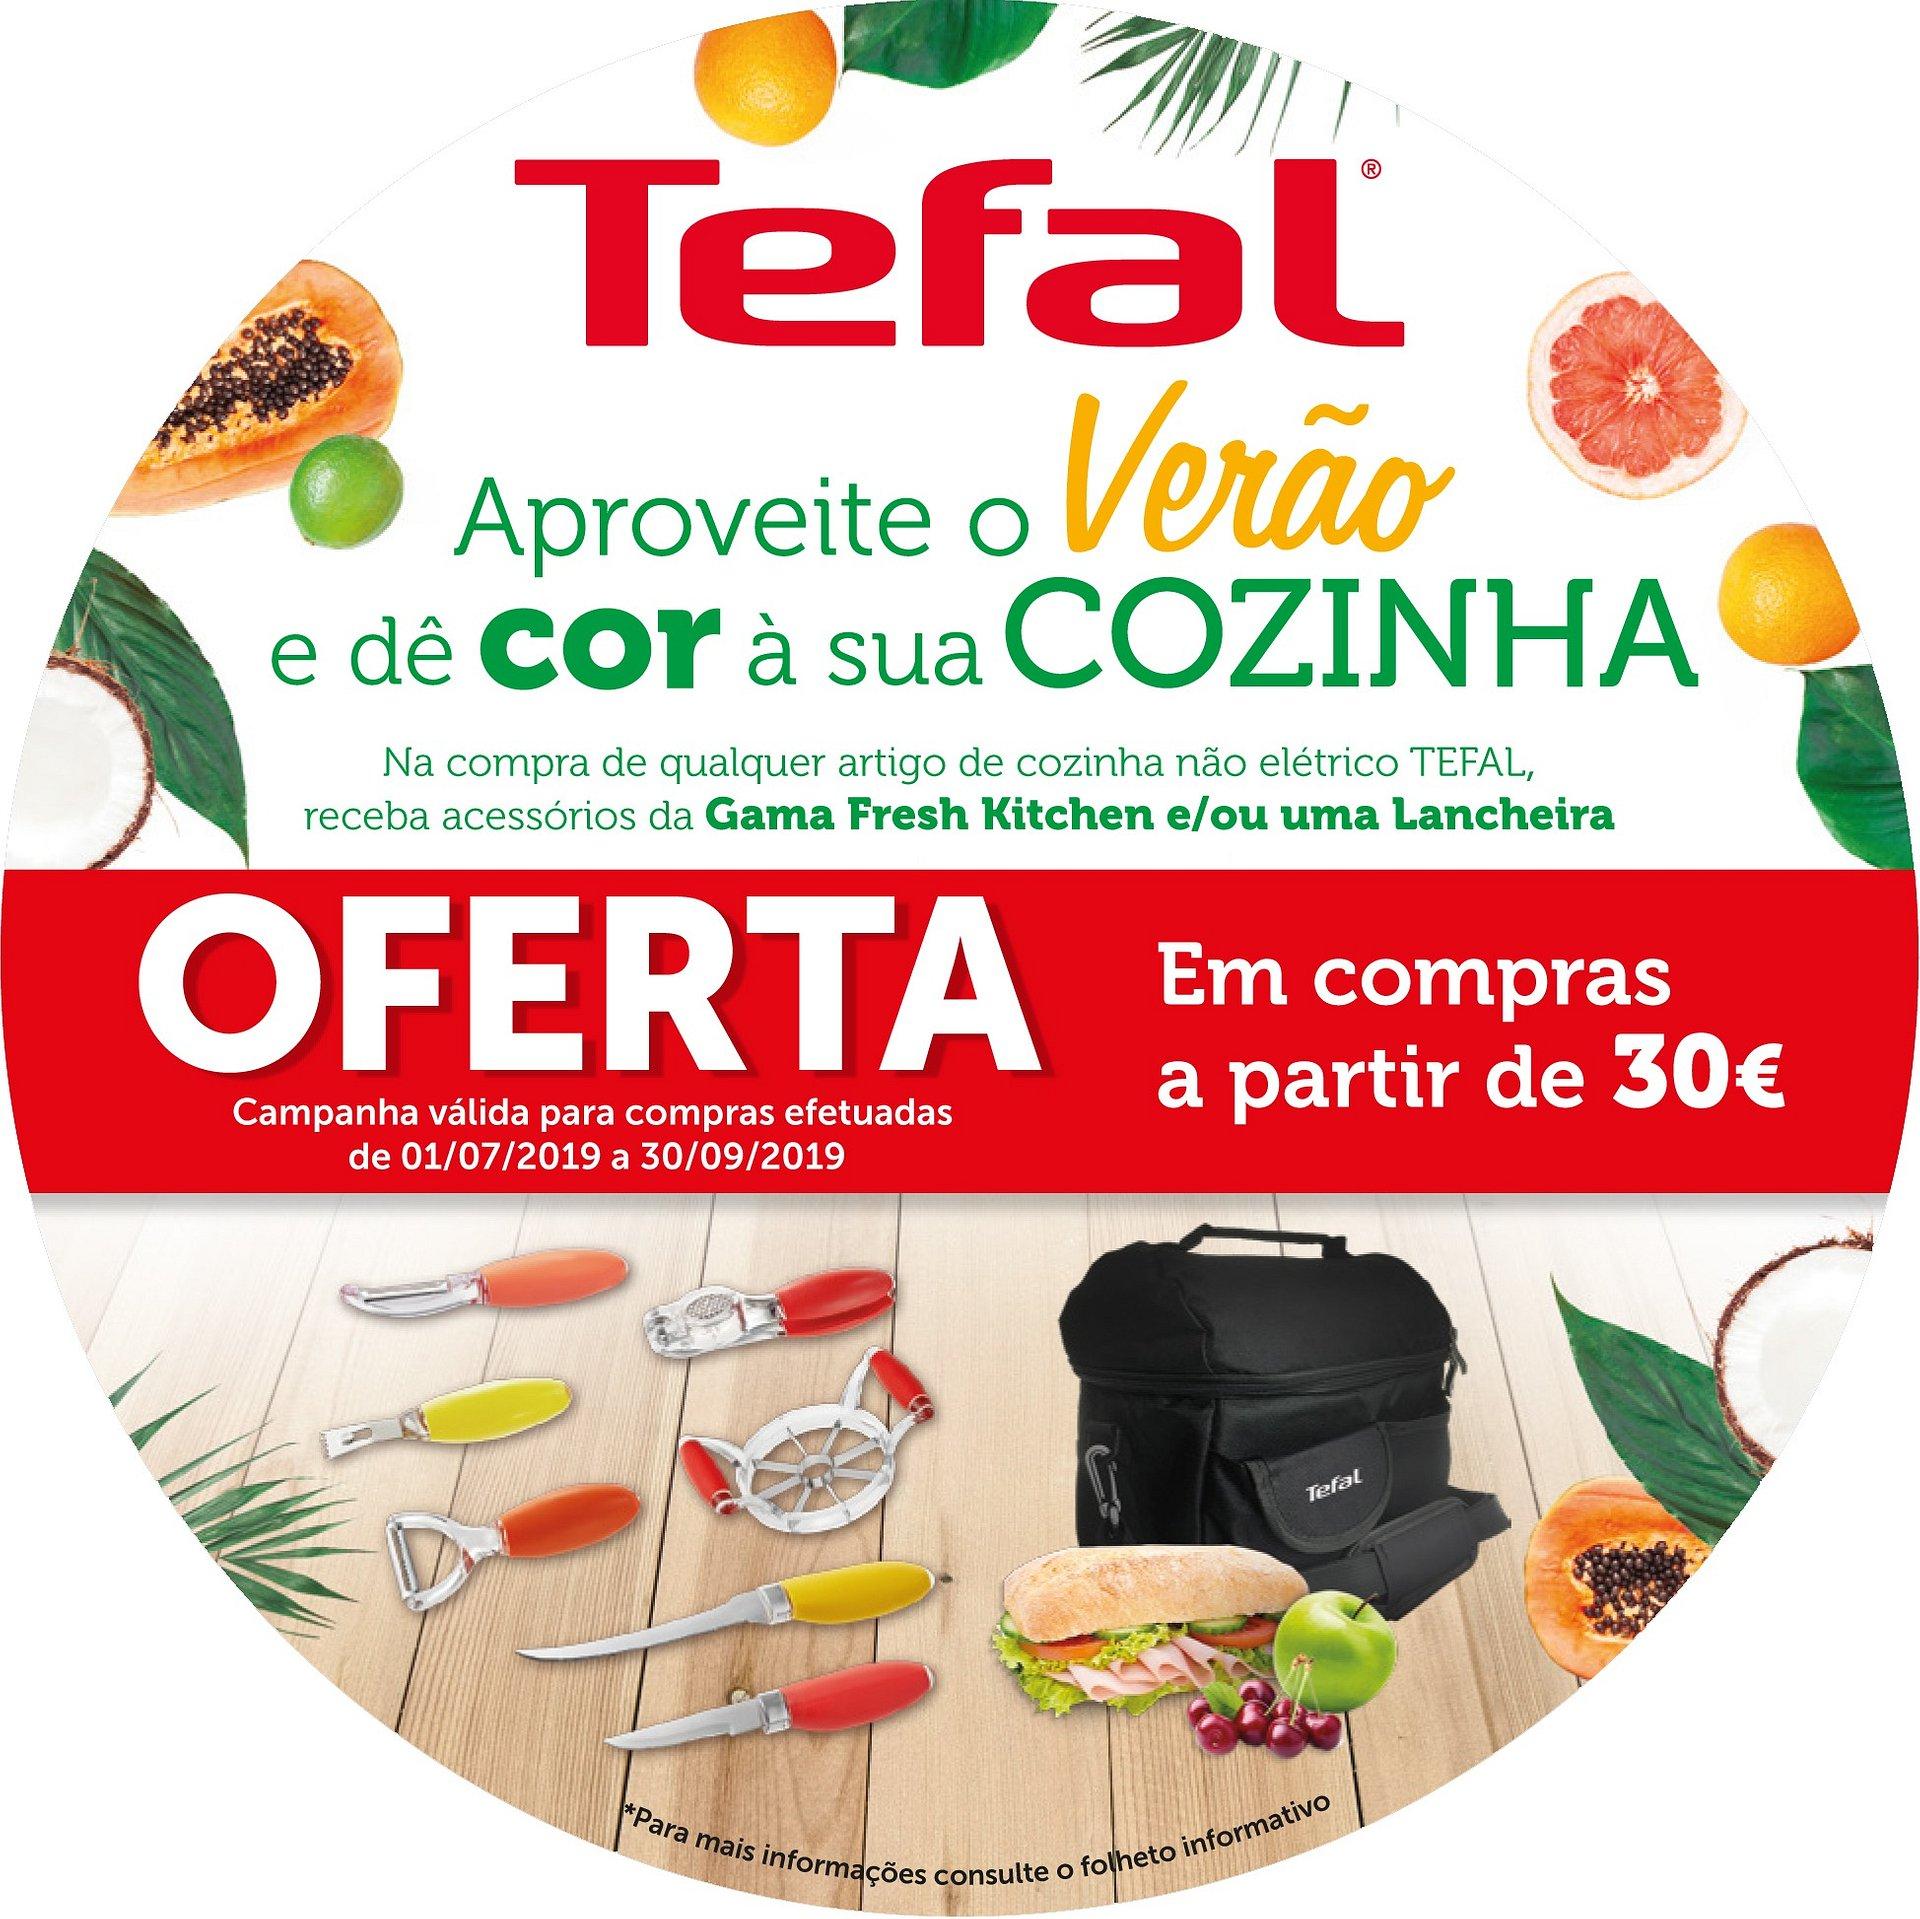 Dê cor à sua cozinha com a campanha de verão da Tefal